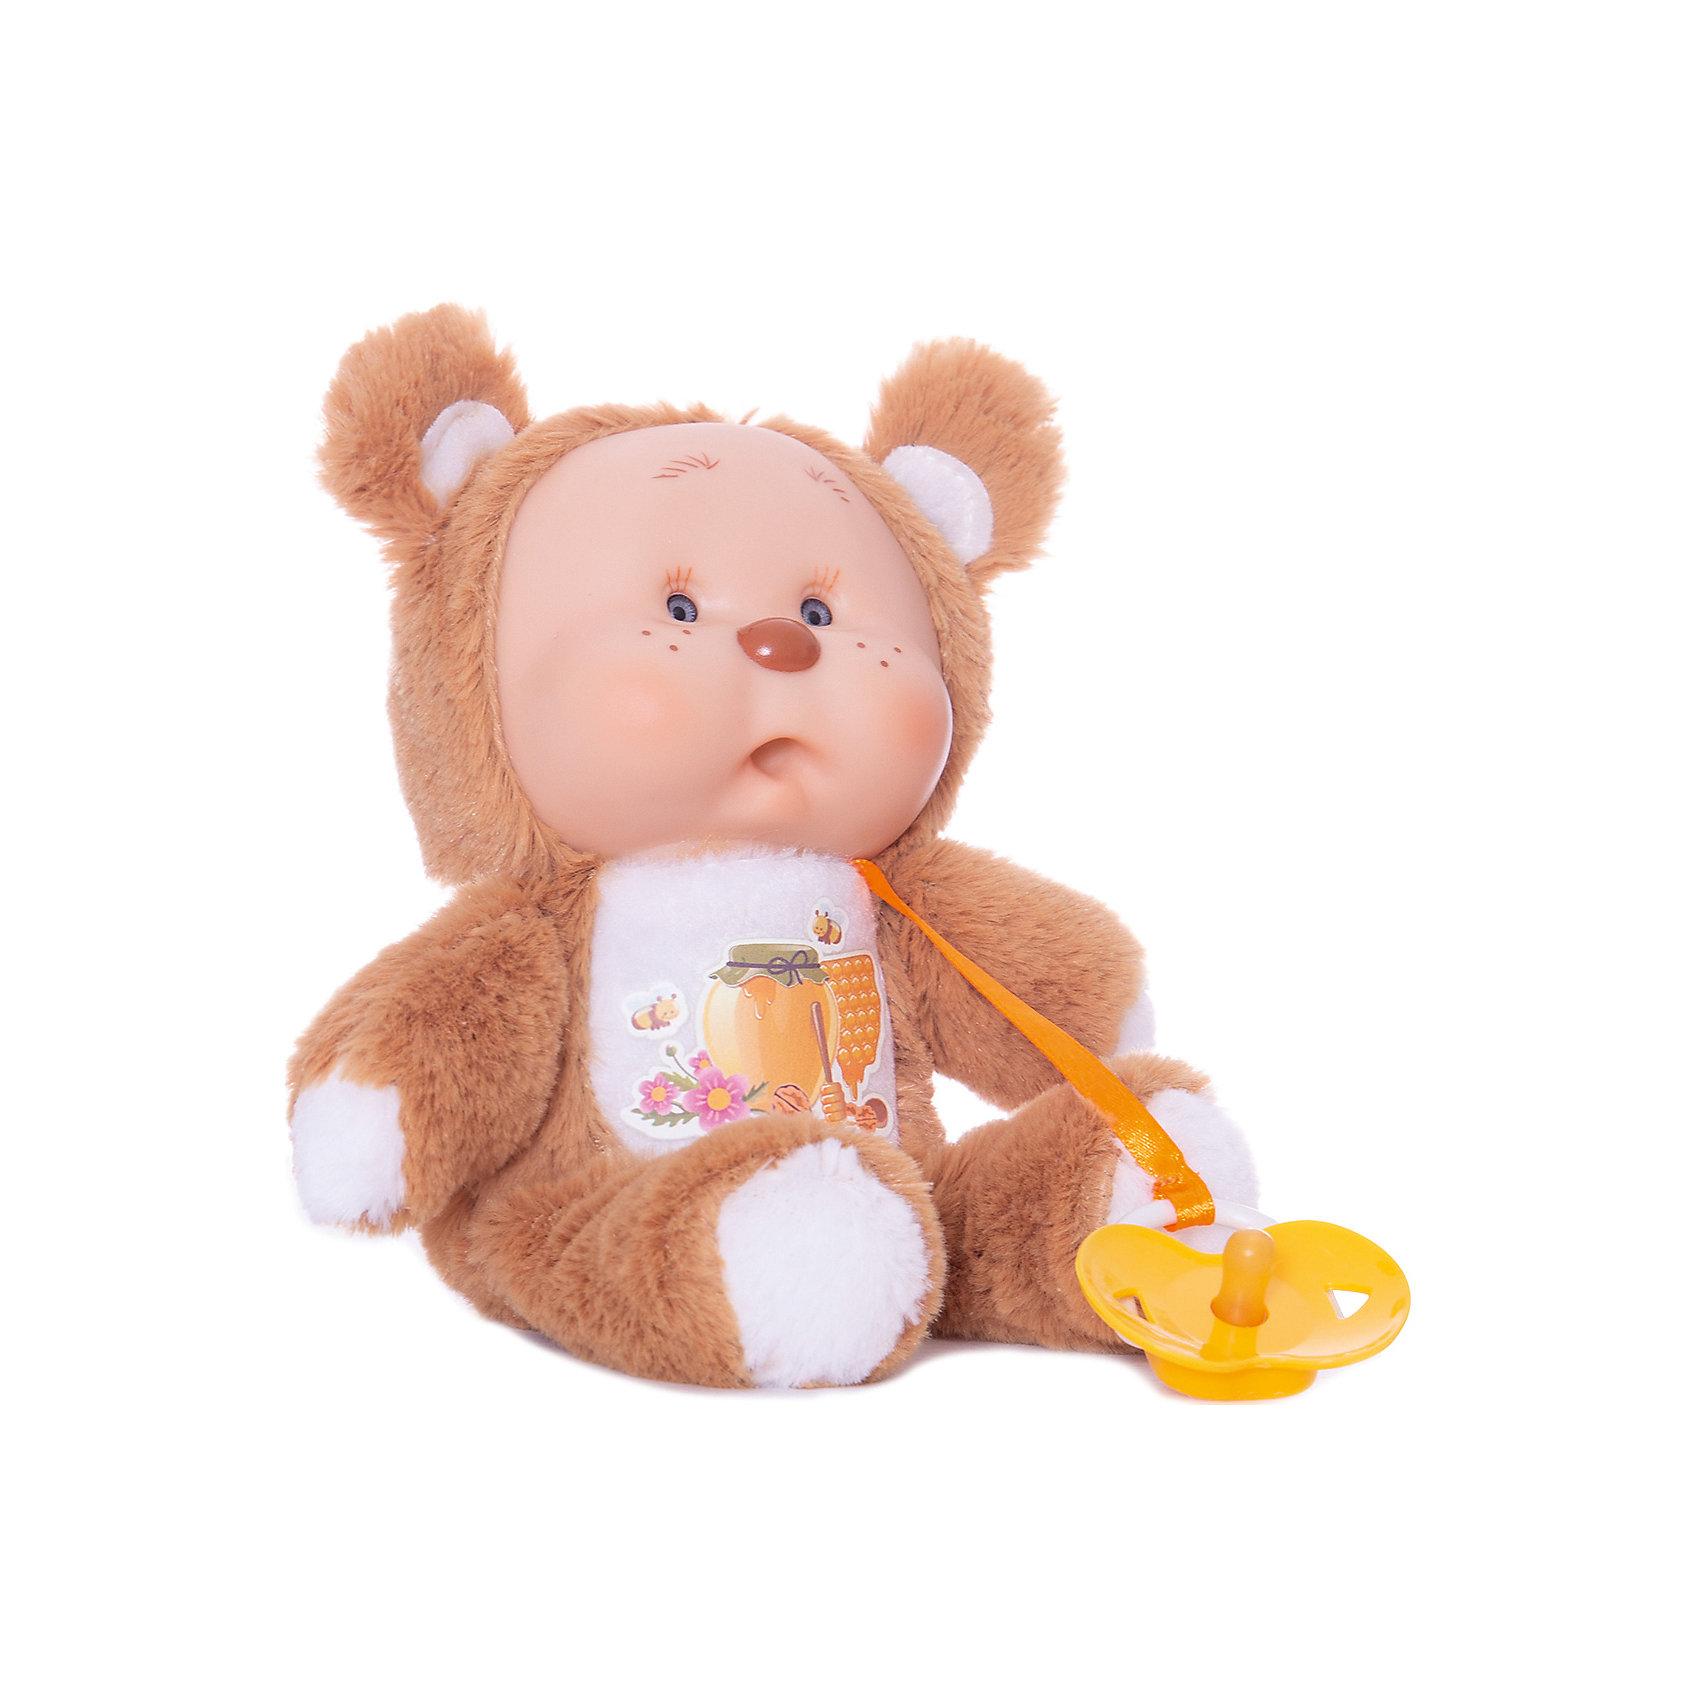 Медвежонок Миша, YogurtinisПупсы Yogurtinis (Йогуртини) Лесные Друзья это новая серия милейших зверят от знаменитого производителя ароматных пупсов Yogurtinis (Йогуртини). Ароматный пупс и любимый лесной зверек в одной игрушке, лучшего подарка для малыша не придумать! Милый и пушистый Медвежонок Миша станет лучшим другом малыша, ведь он только недавно родился и тоже с радостью познает мир. Миша мягкий, приятный на ощупь, и как любой малыш мишутка вкусно пахнет. Малыш упакован в баночку, стилизованную под банку с вареньем, что сделает подарок еще более выразительным. <br>Забавная мордочка, выполненная из мягкого прорезиненного пластика будет неизменно вызывать улыбку у окружающих и дарить положительные эмоции малышу!<br><br>Дополнительная информация:<br><br>- В комплекте: пупс  Медвежонок Миша с соской в стилизованной банке для варенья;<br>- Новая серия Yogurtinis (Йогуртини) Лесные Друзья;<br>- Прекрасный подарок малышу;<br>- Мягкое тело;<br>- Прекрасный фруктовый аромат;<br>- Выразительное личико;<br>- Удобно брать в путешествия;<br>- Высота игрушки: 22 см;<br>- Размер упаковки: 14 х 14 х 18,5 см;<br>- Вес: 398 г<br><br>Медвежонка Мишу, Yogurtinis (Йогуртини) можно купить в нашем интернет-магазине.<br><br>Ширина мм: 140<br>Глубина мм: 140<br>Высота мм: 185<br>Вес г: 398<br>Возраст от месяцев: 36<br>Возраст до месяцев: 72<br>Пол: Унисекс<br>Возраст: Детский<br>SKU: 3879020